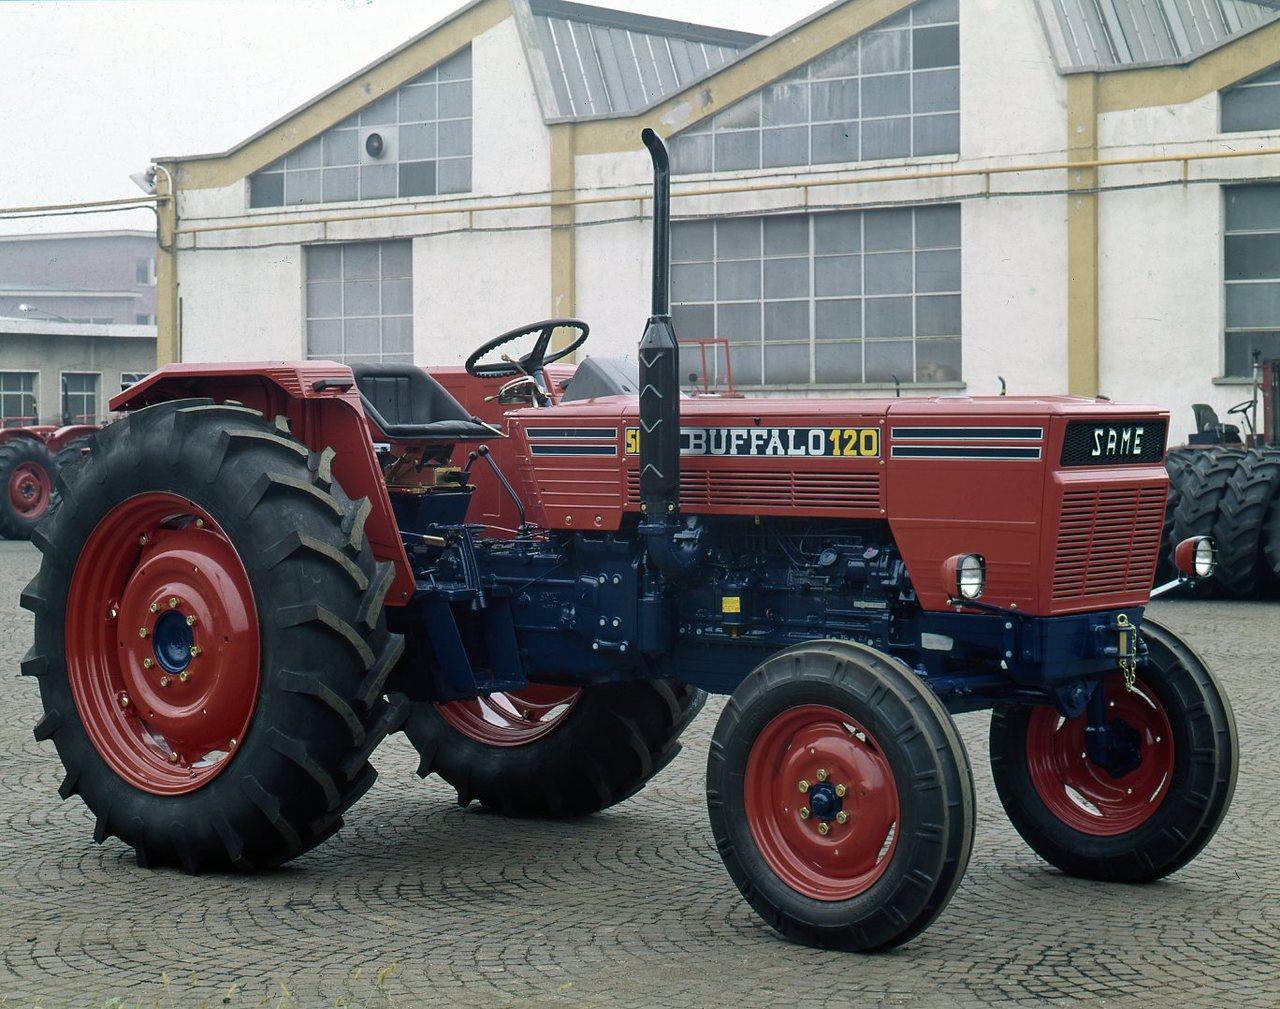 [SAME] trattore Buffalo 120 a 2 ruote motrici